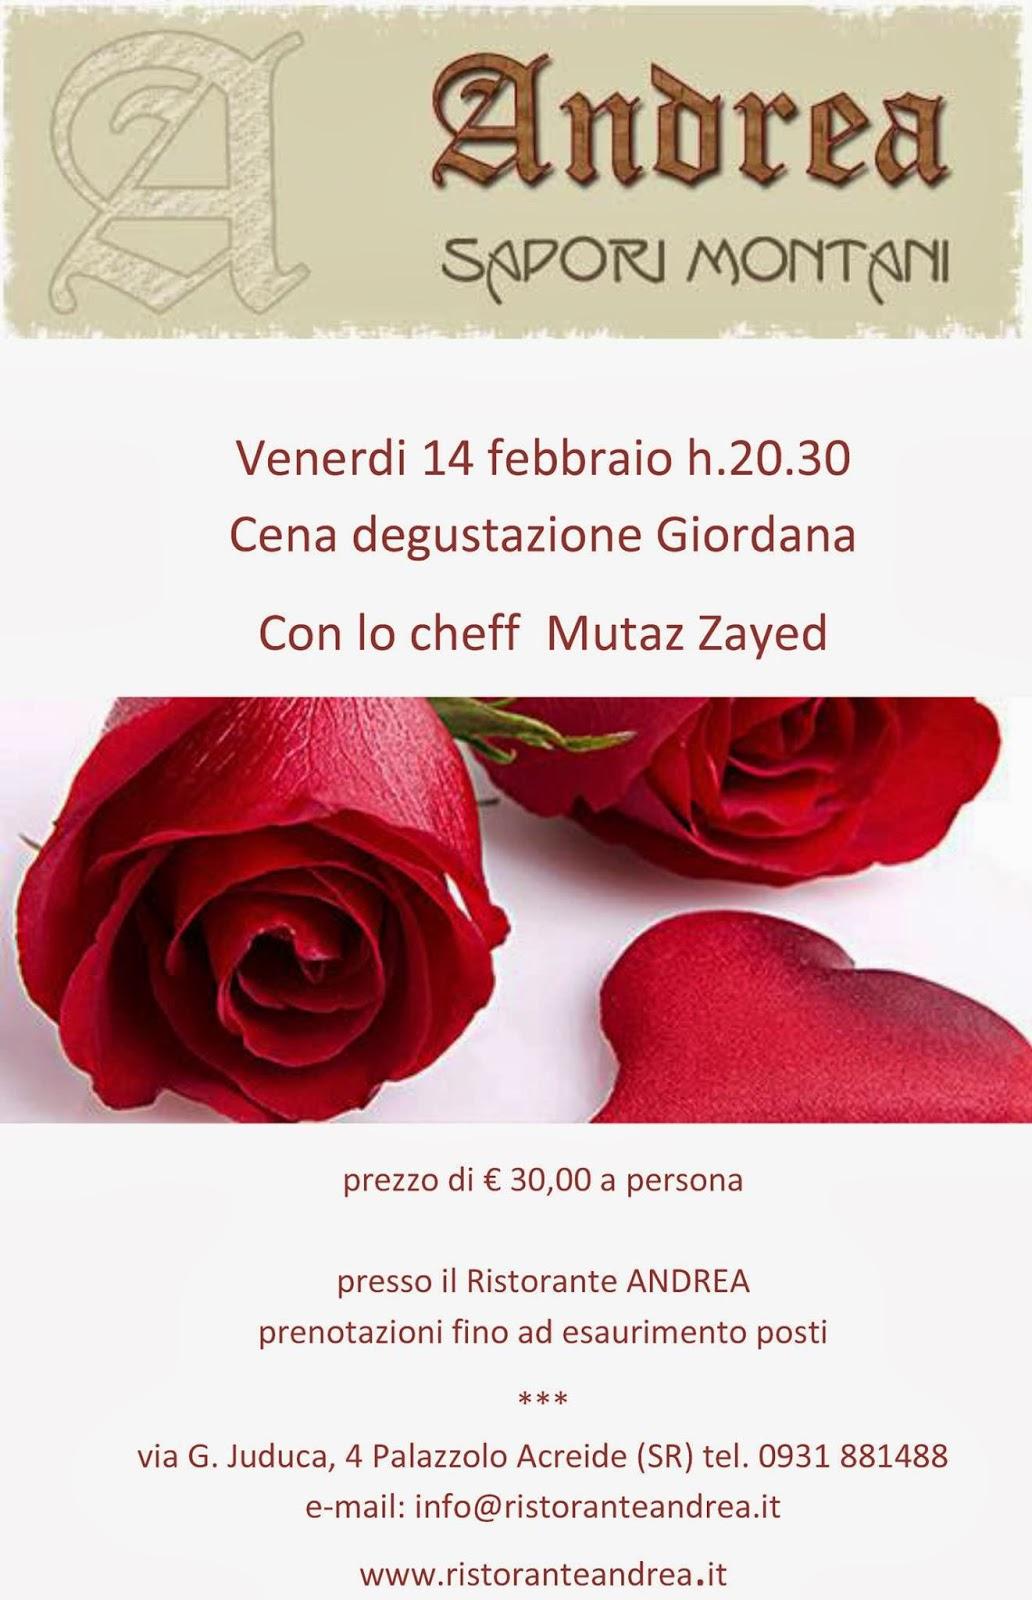 www.ristoranteandrea.it